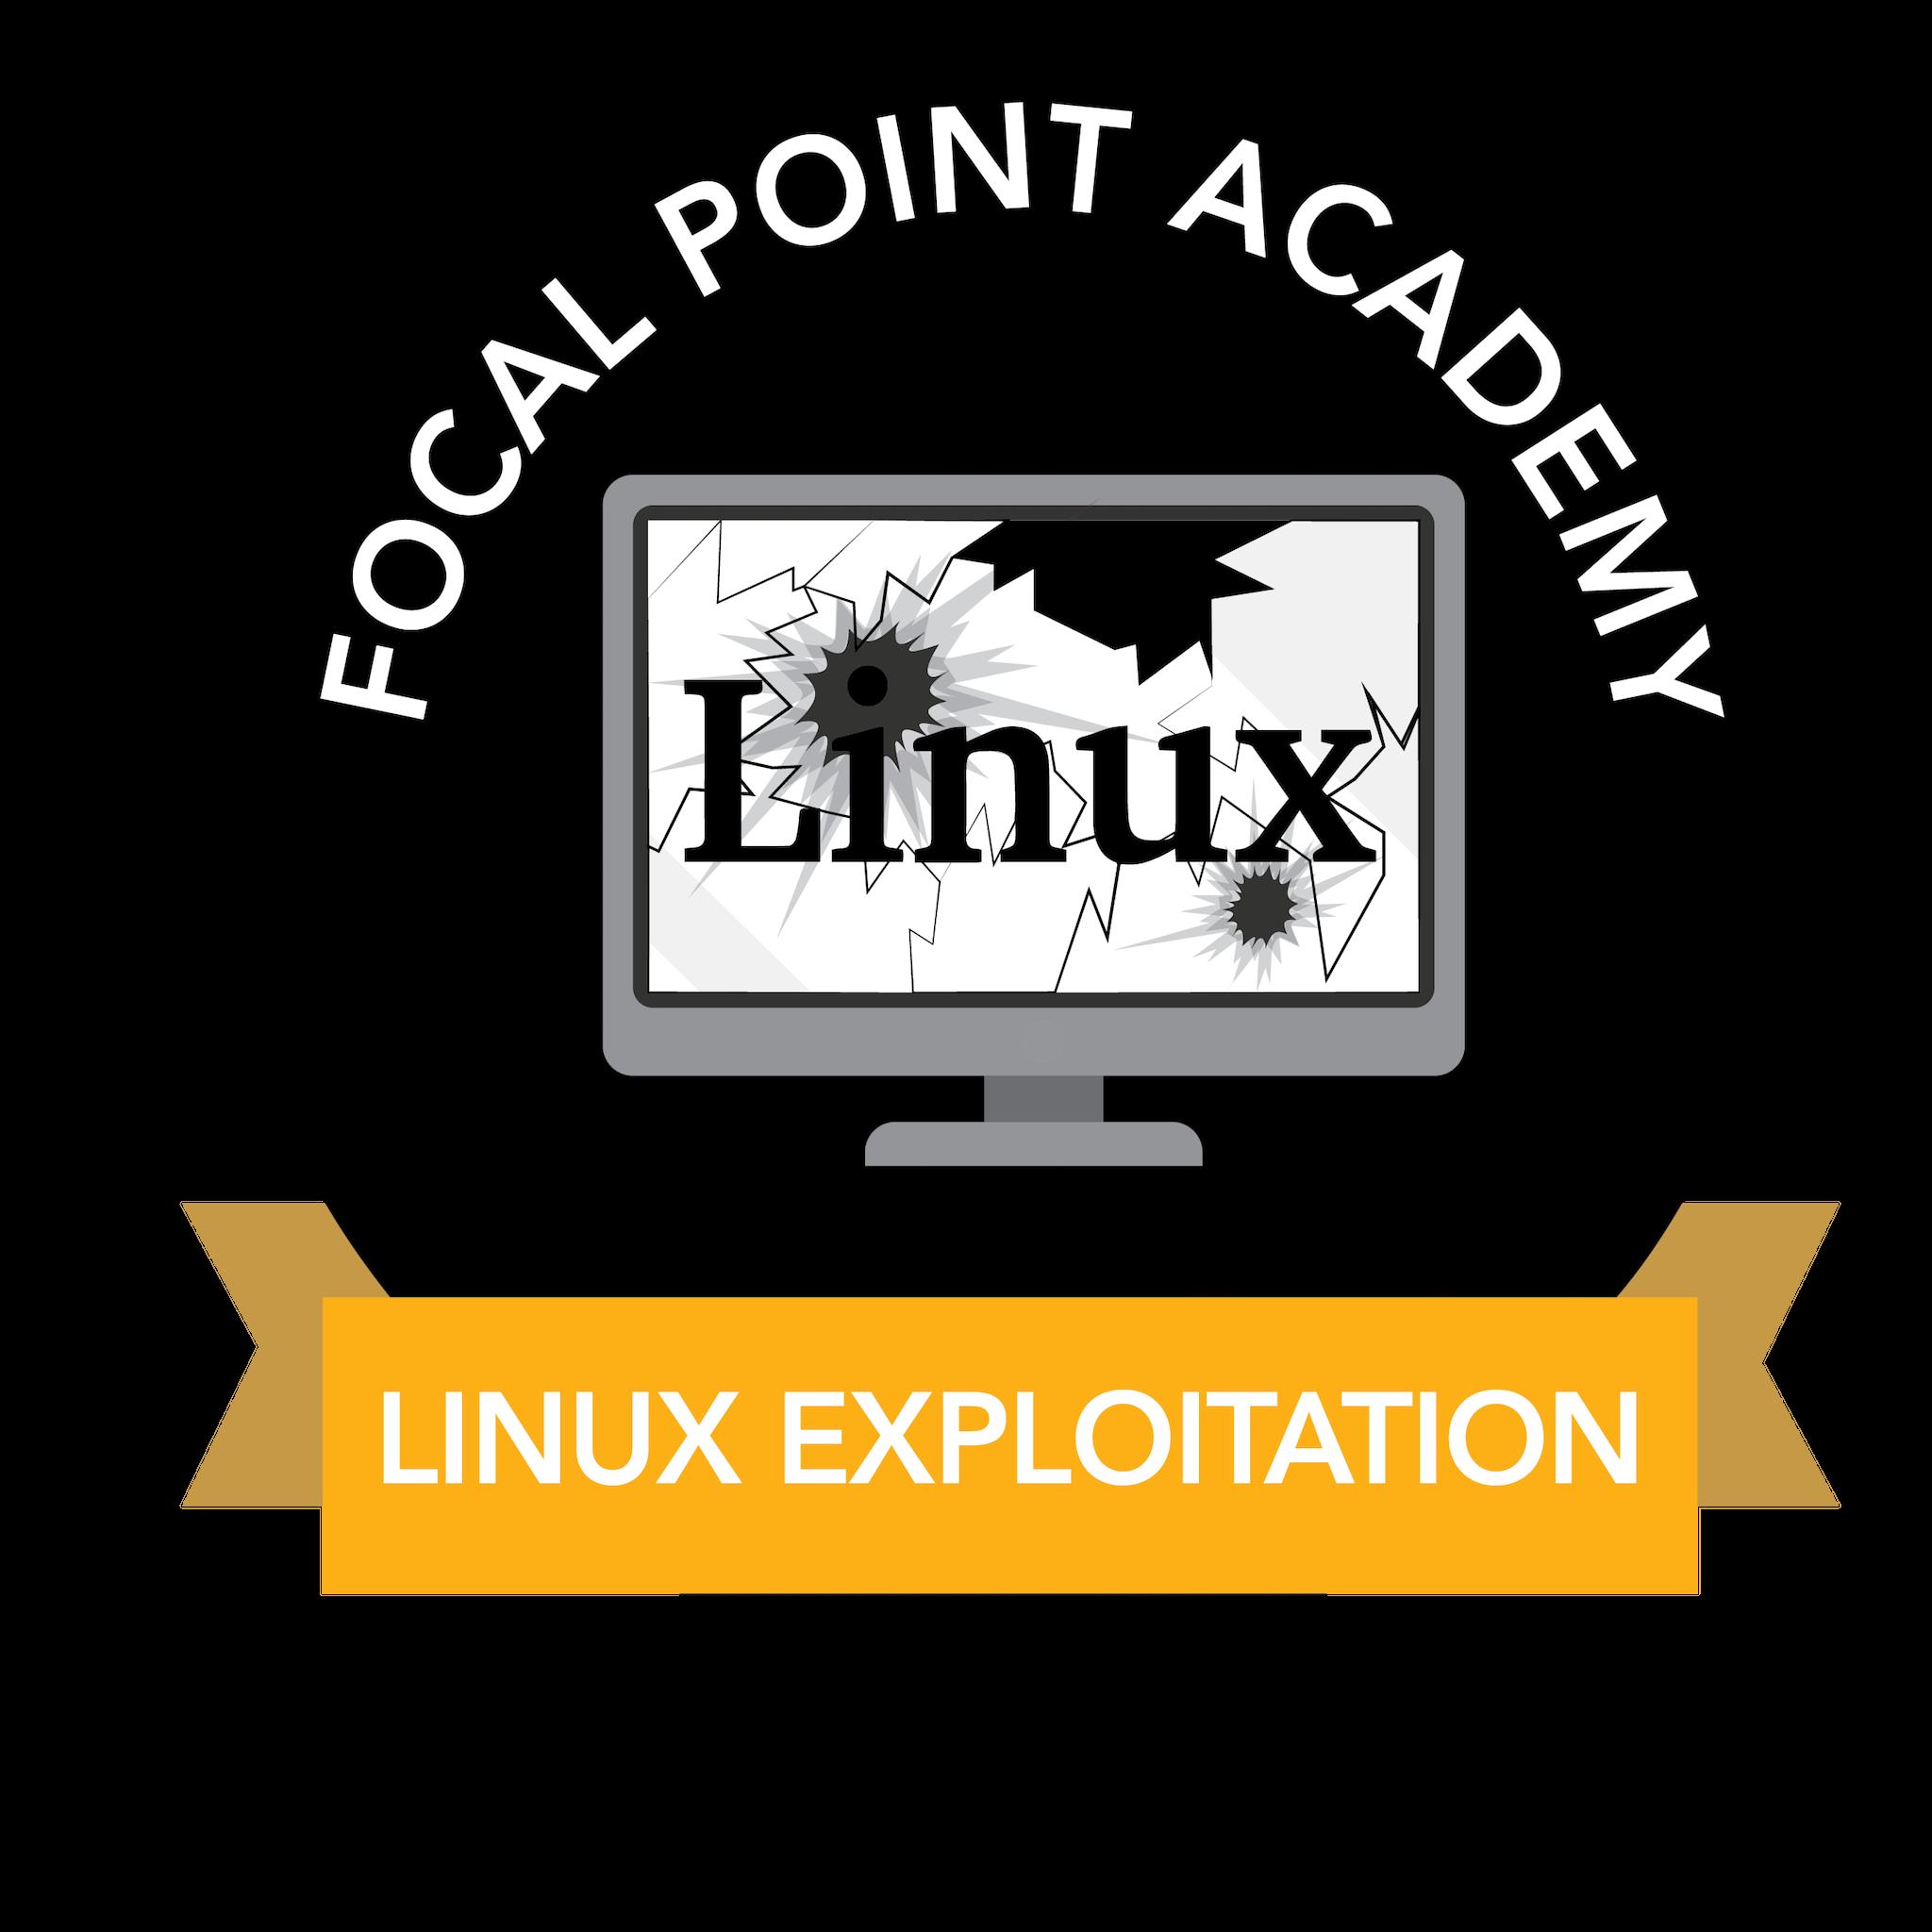 Linux Exploitation